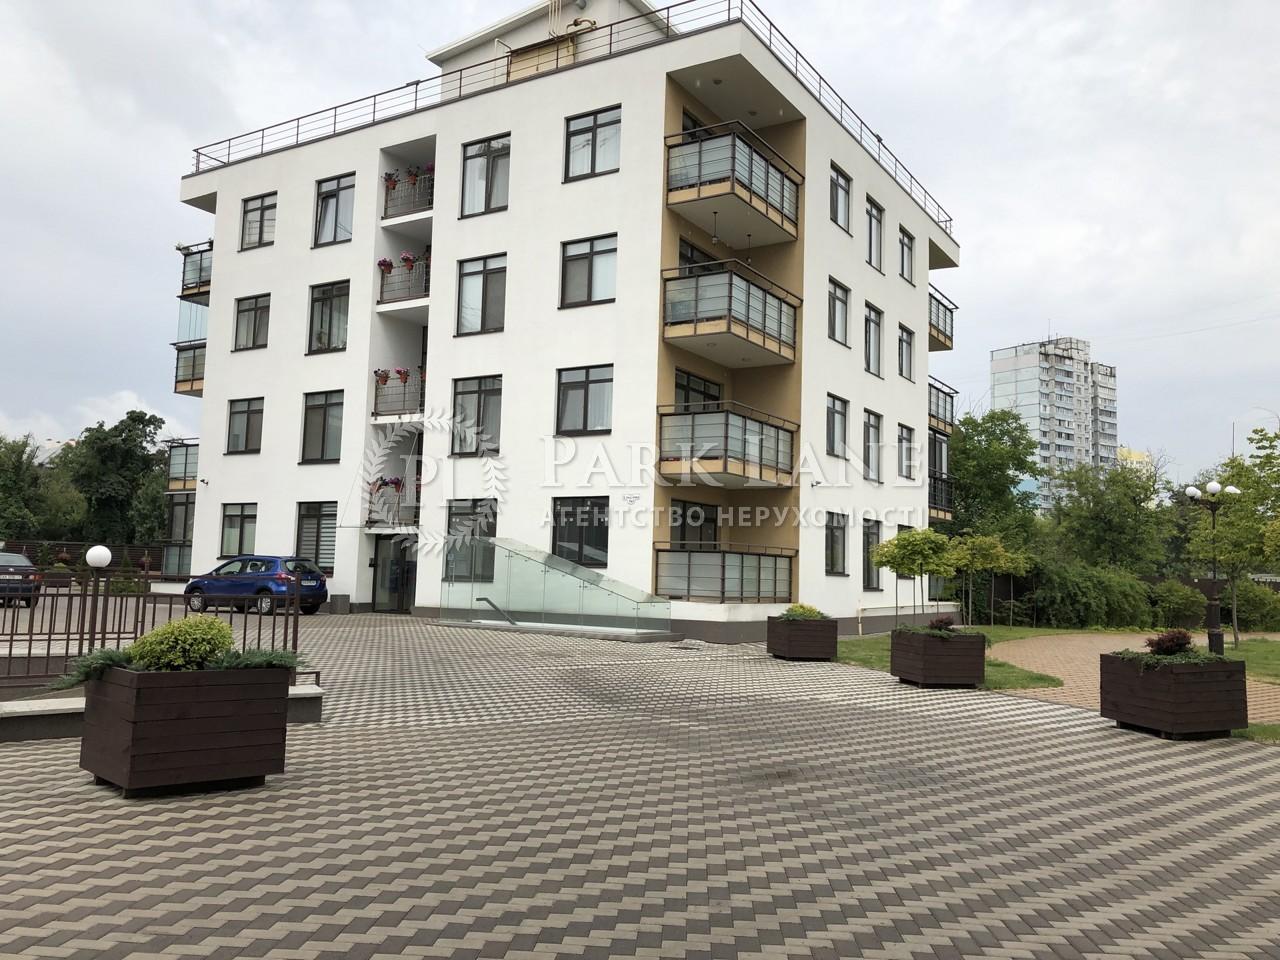 Квартира ул. Столетова, 56, Киев, N-21091 - Фото 1